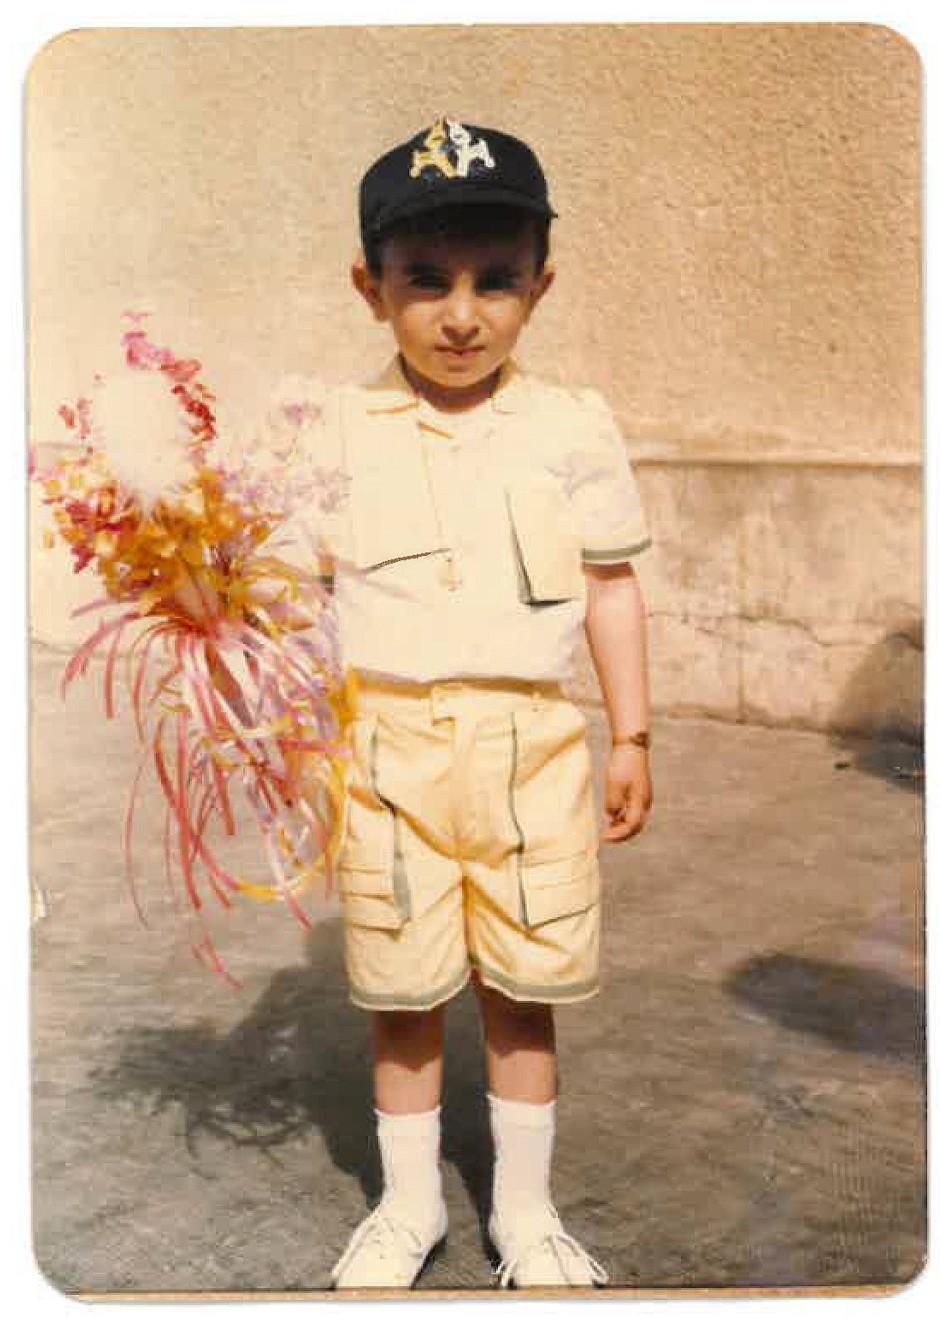 Vor 34 Jahren: Josef am Palmsonntag in seiner Geburtsstadt Kameshly in Syrien.